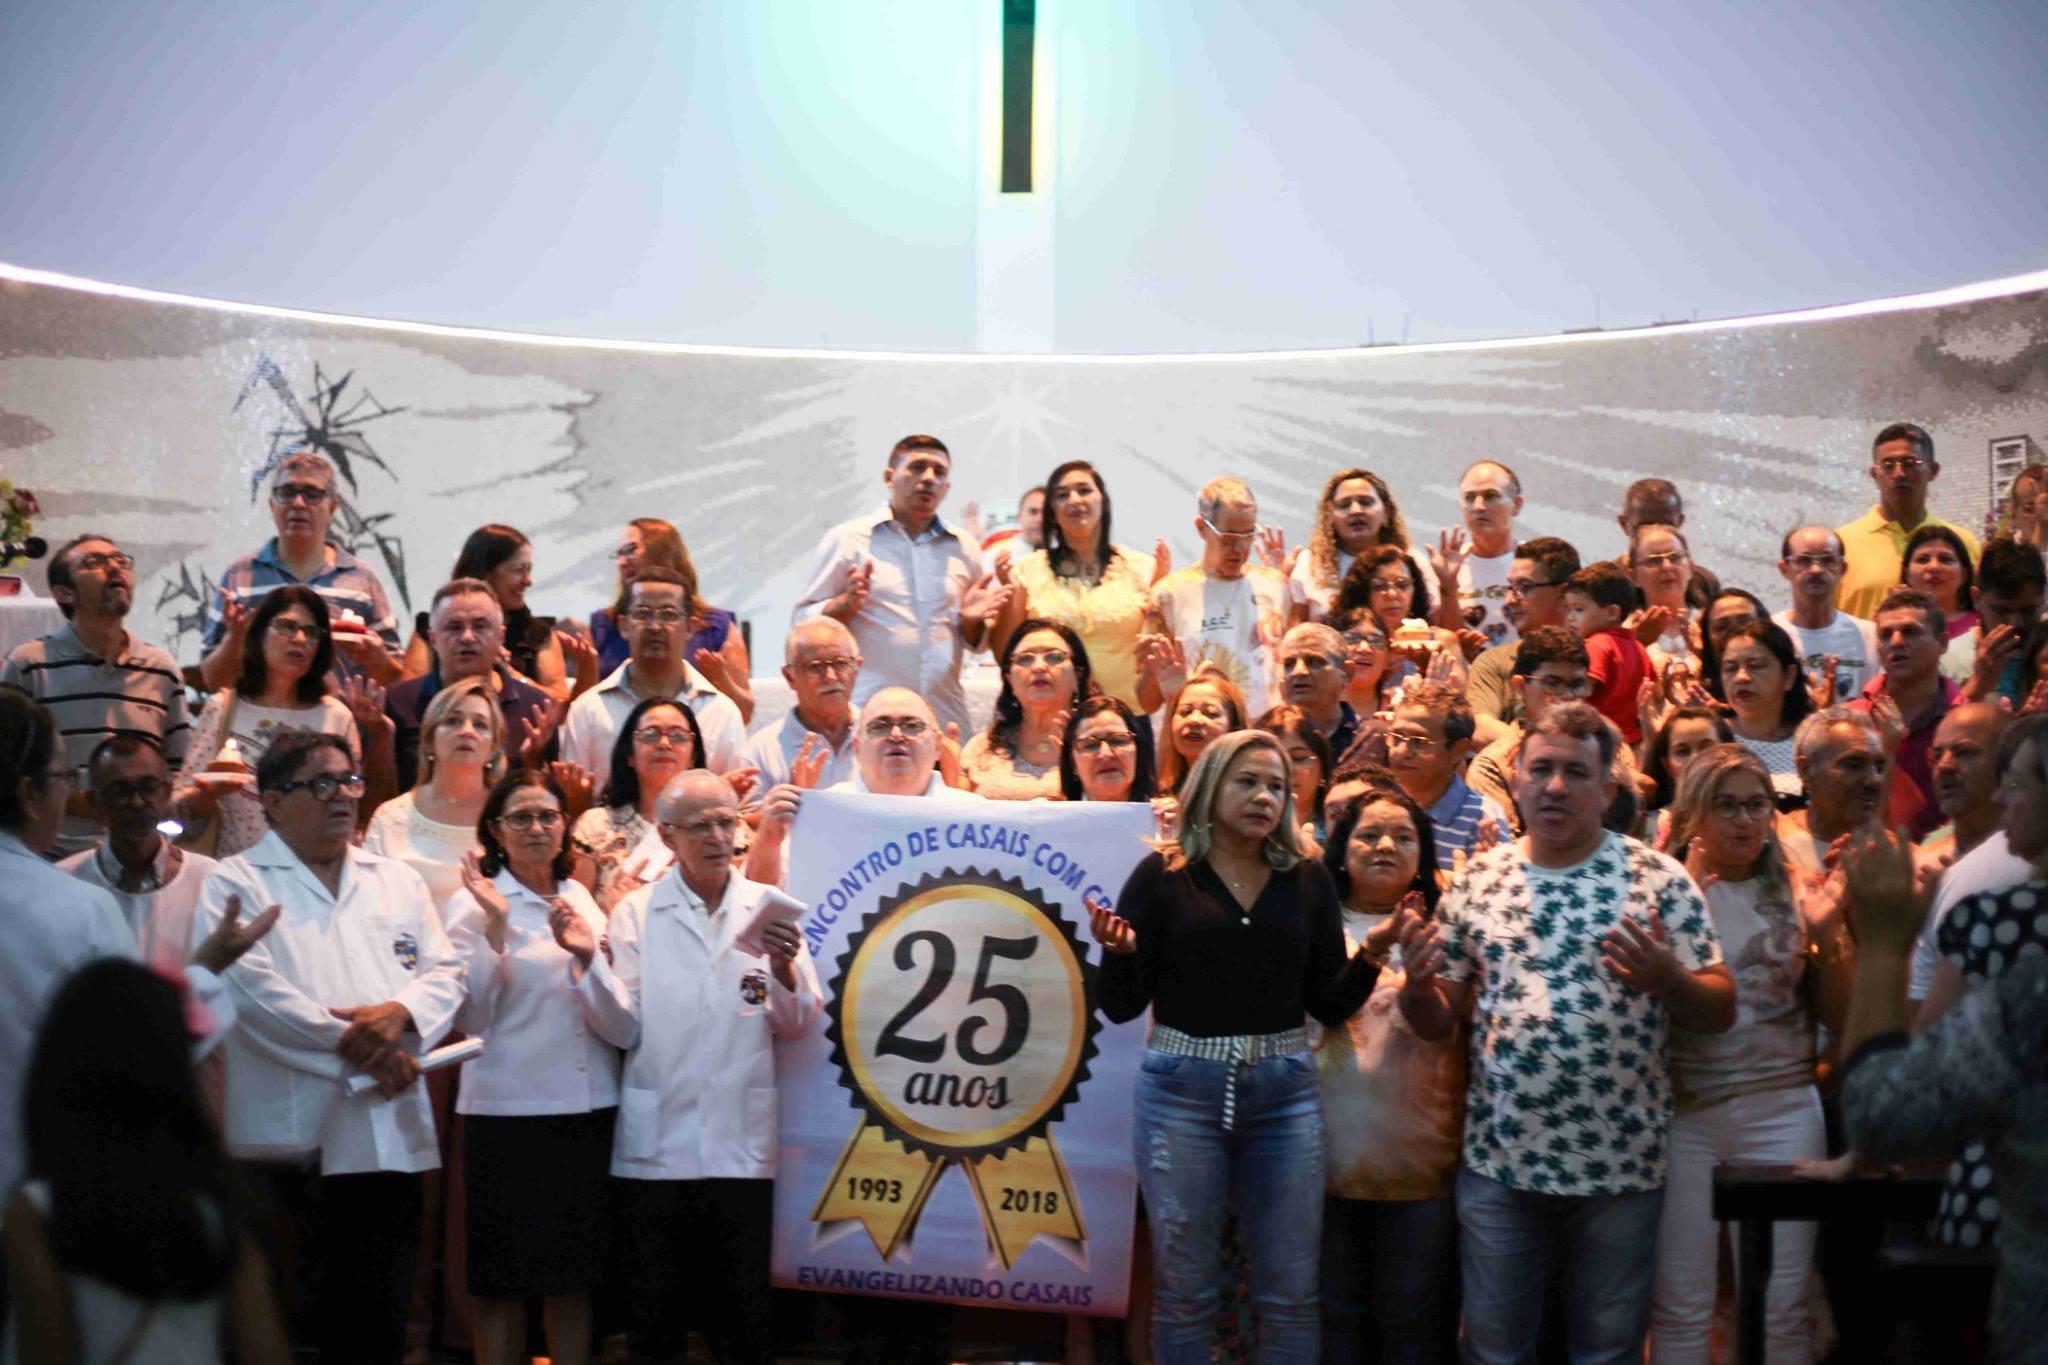 Encontro de Casais com Cristo da Paróquia São Benedito celebra 25 anos